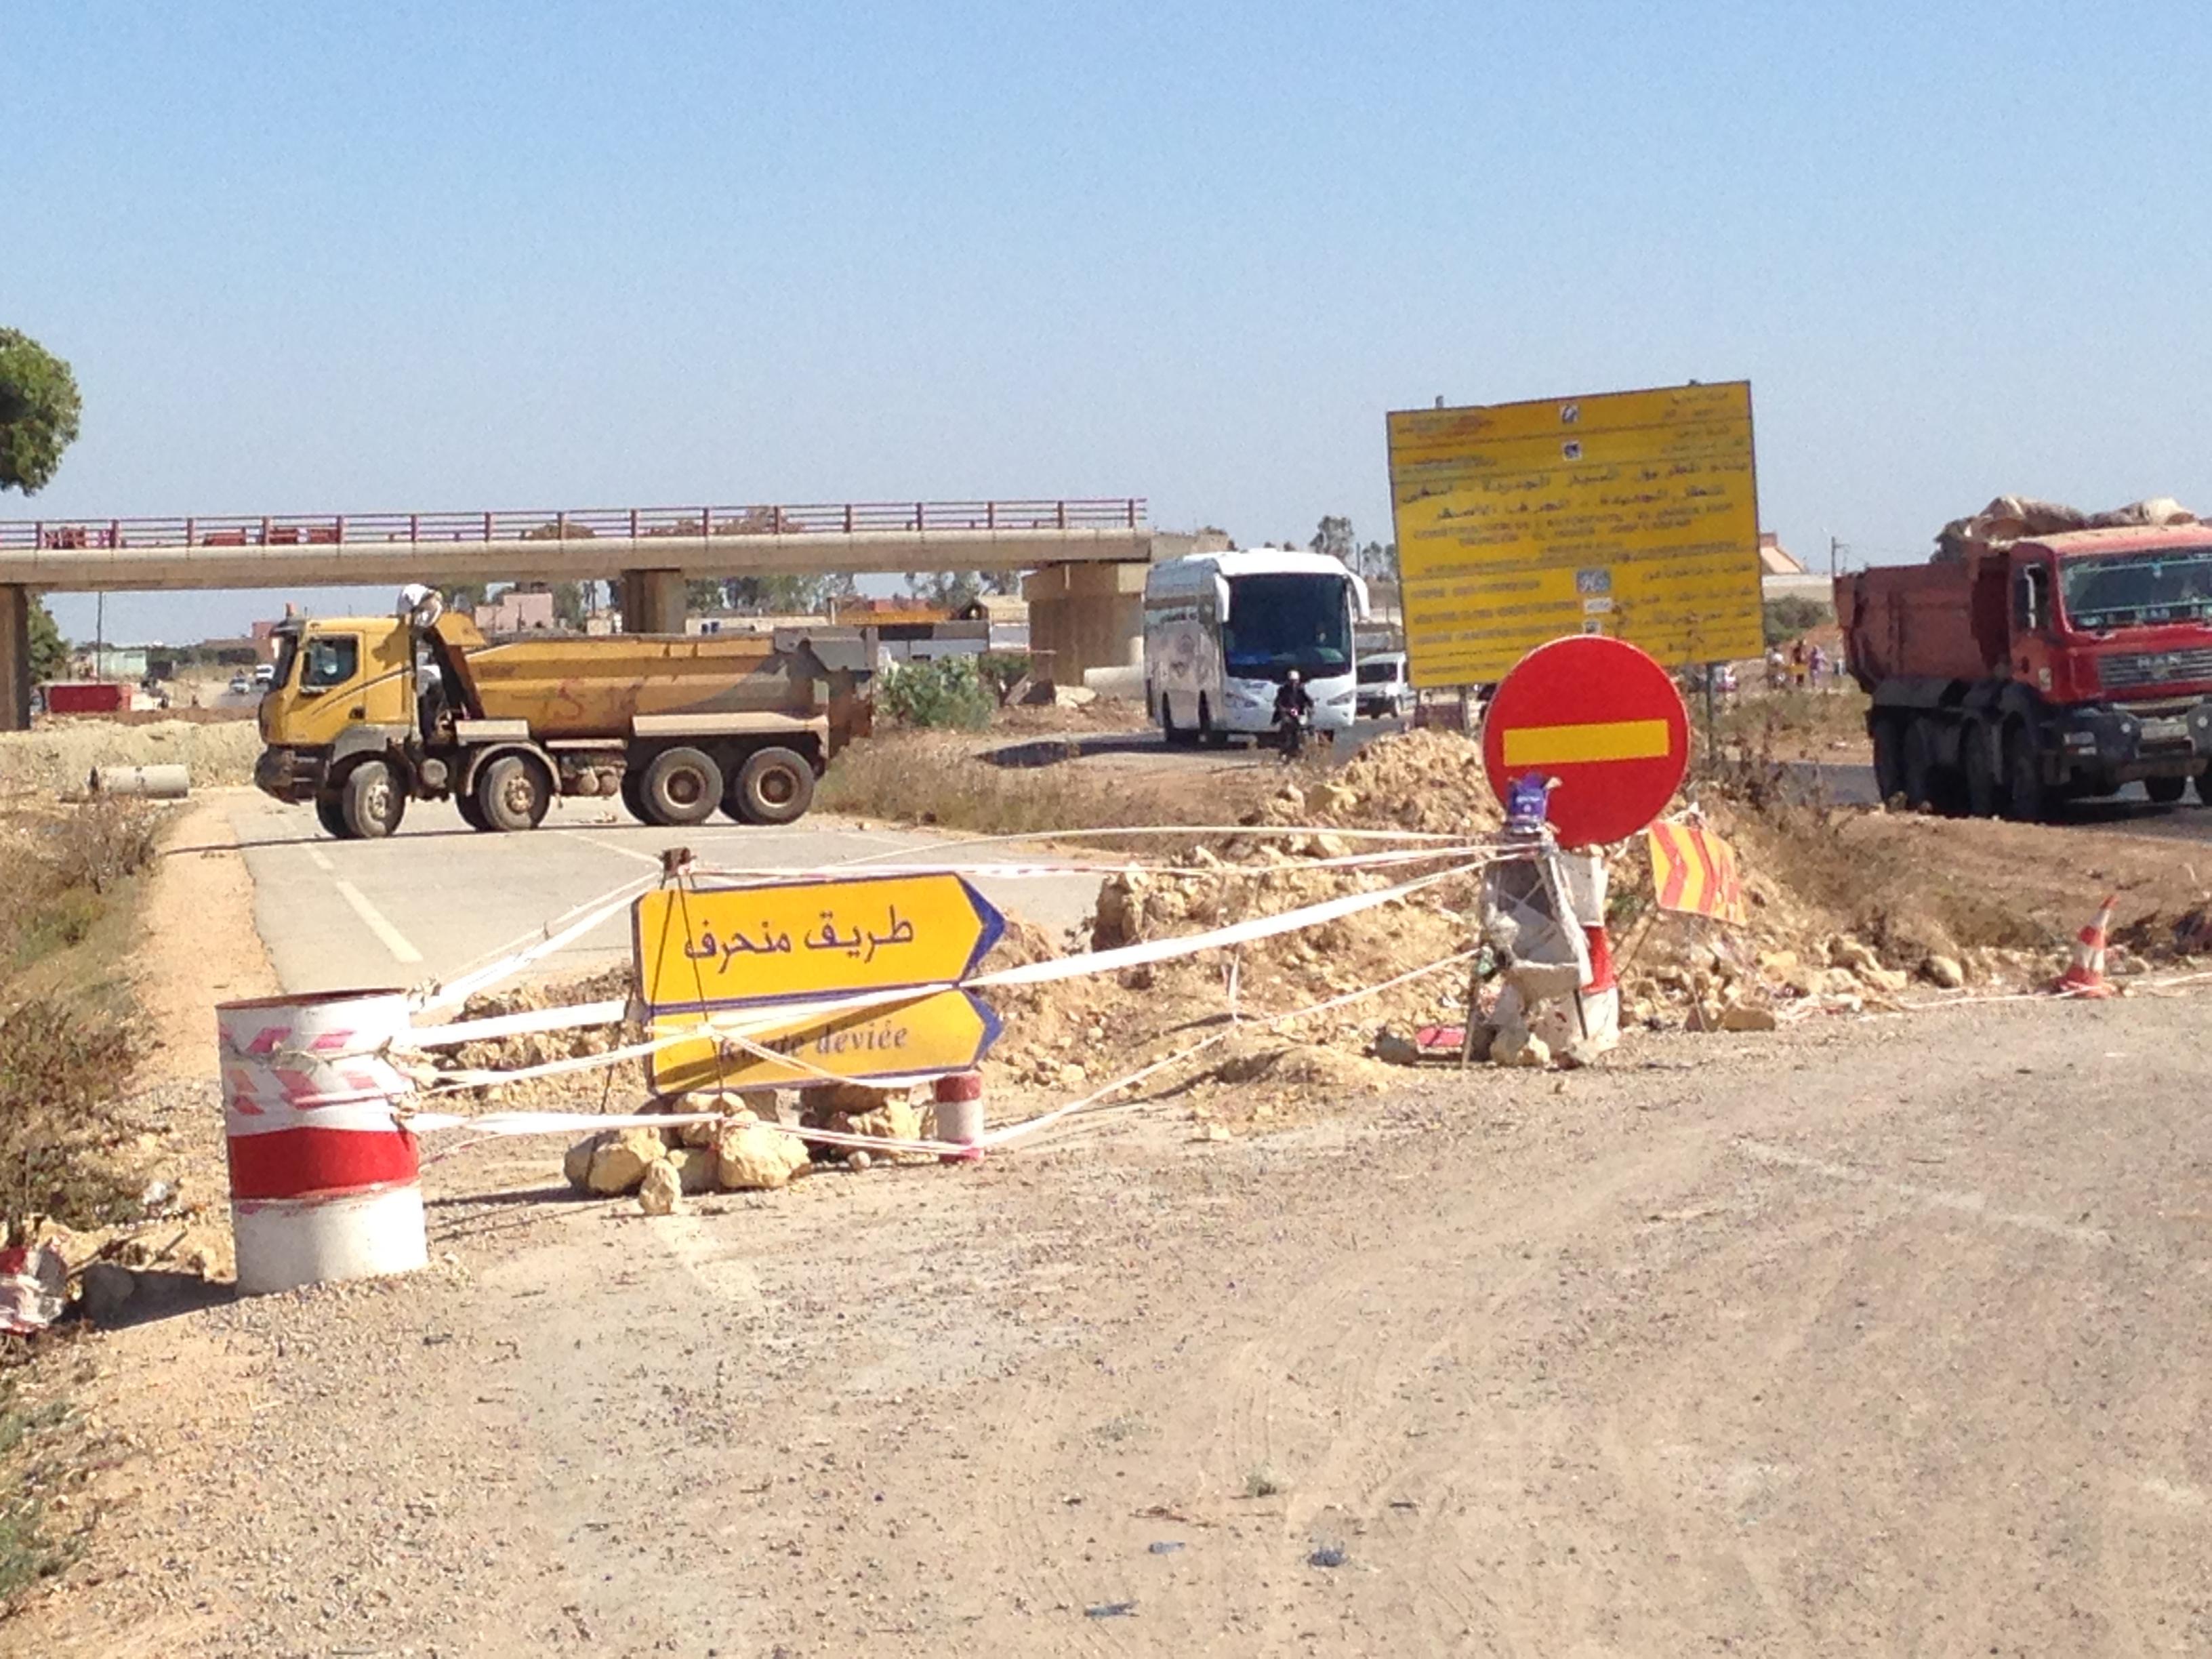 الجديدة : استمرار معاناة السائقين مع عدم فتح الجزء المعطل من الطريق الوطنية رقم 1